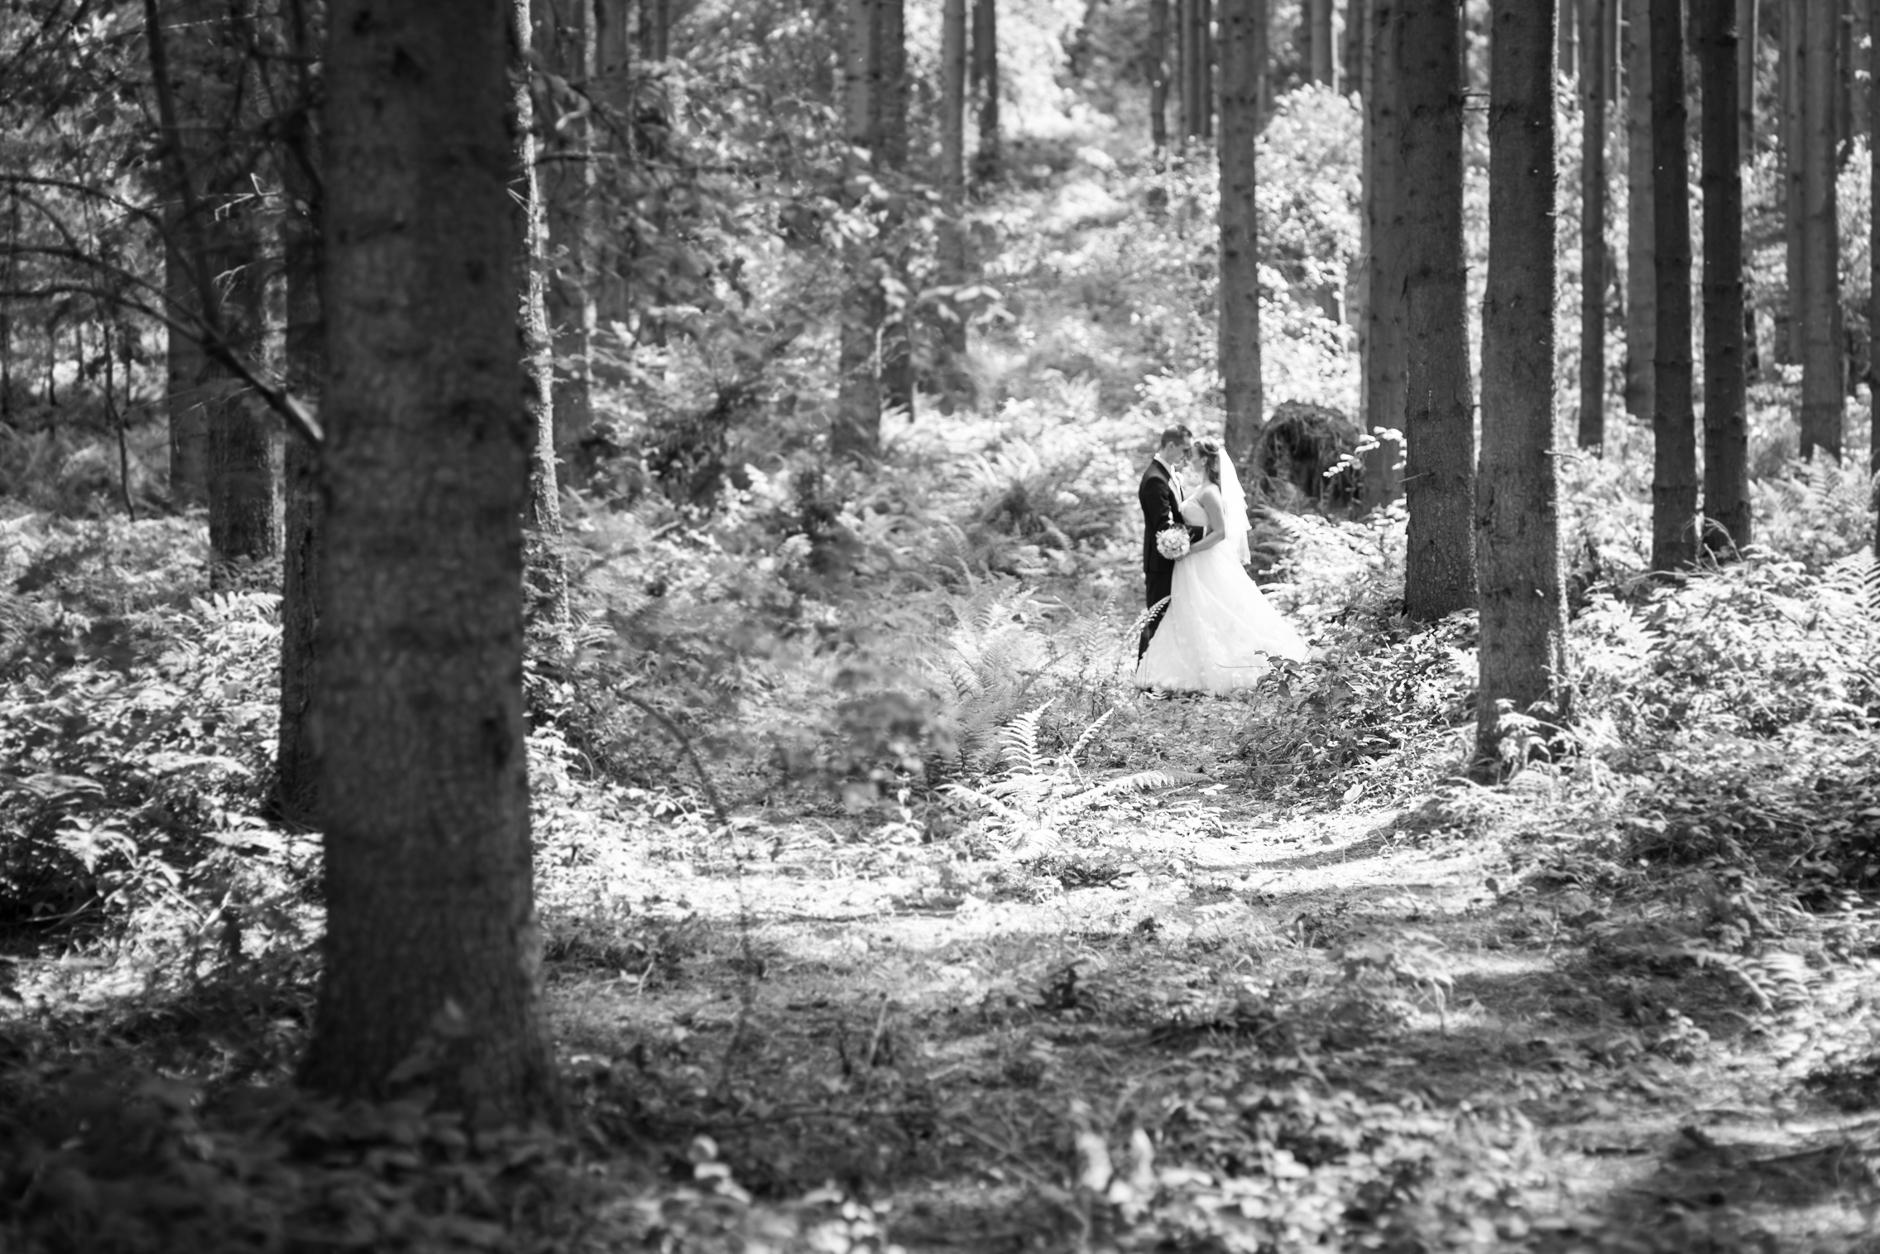 Für das Brautpaar-Shooting haben wir hier auf dem Weg zur Hochzeitslocation kurz auf der Landstraße angehalten und ...